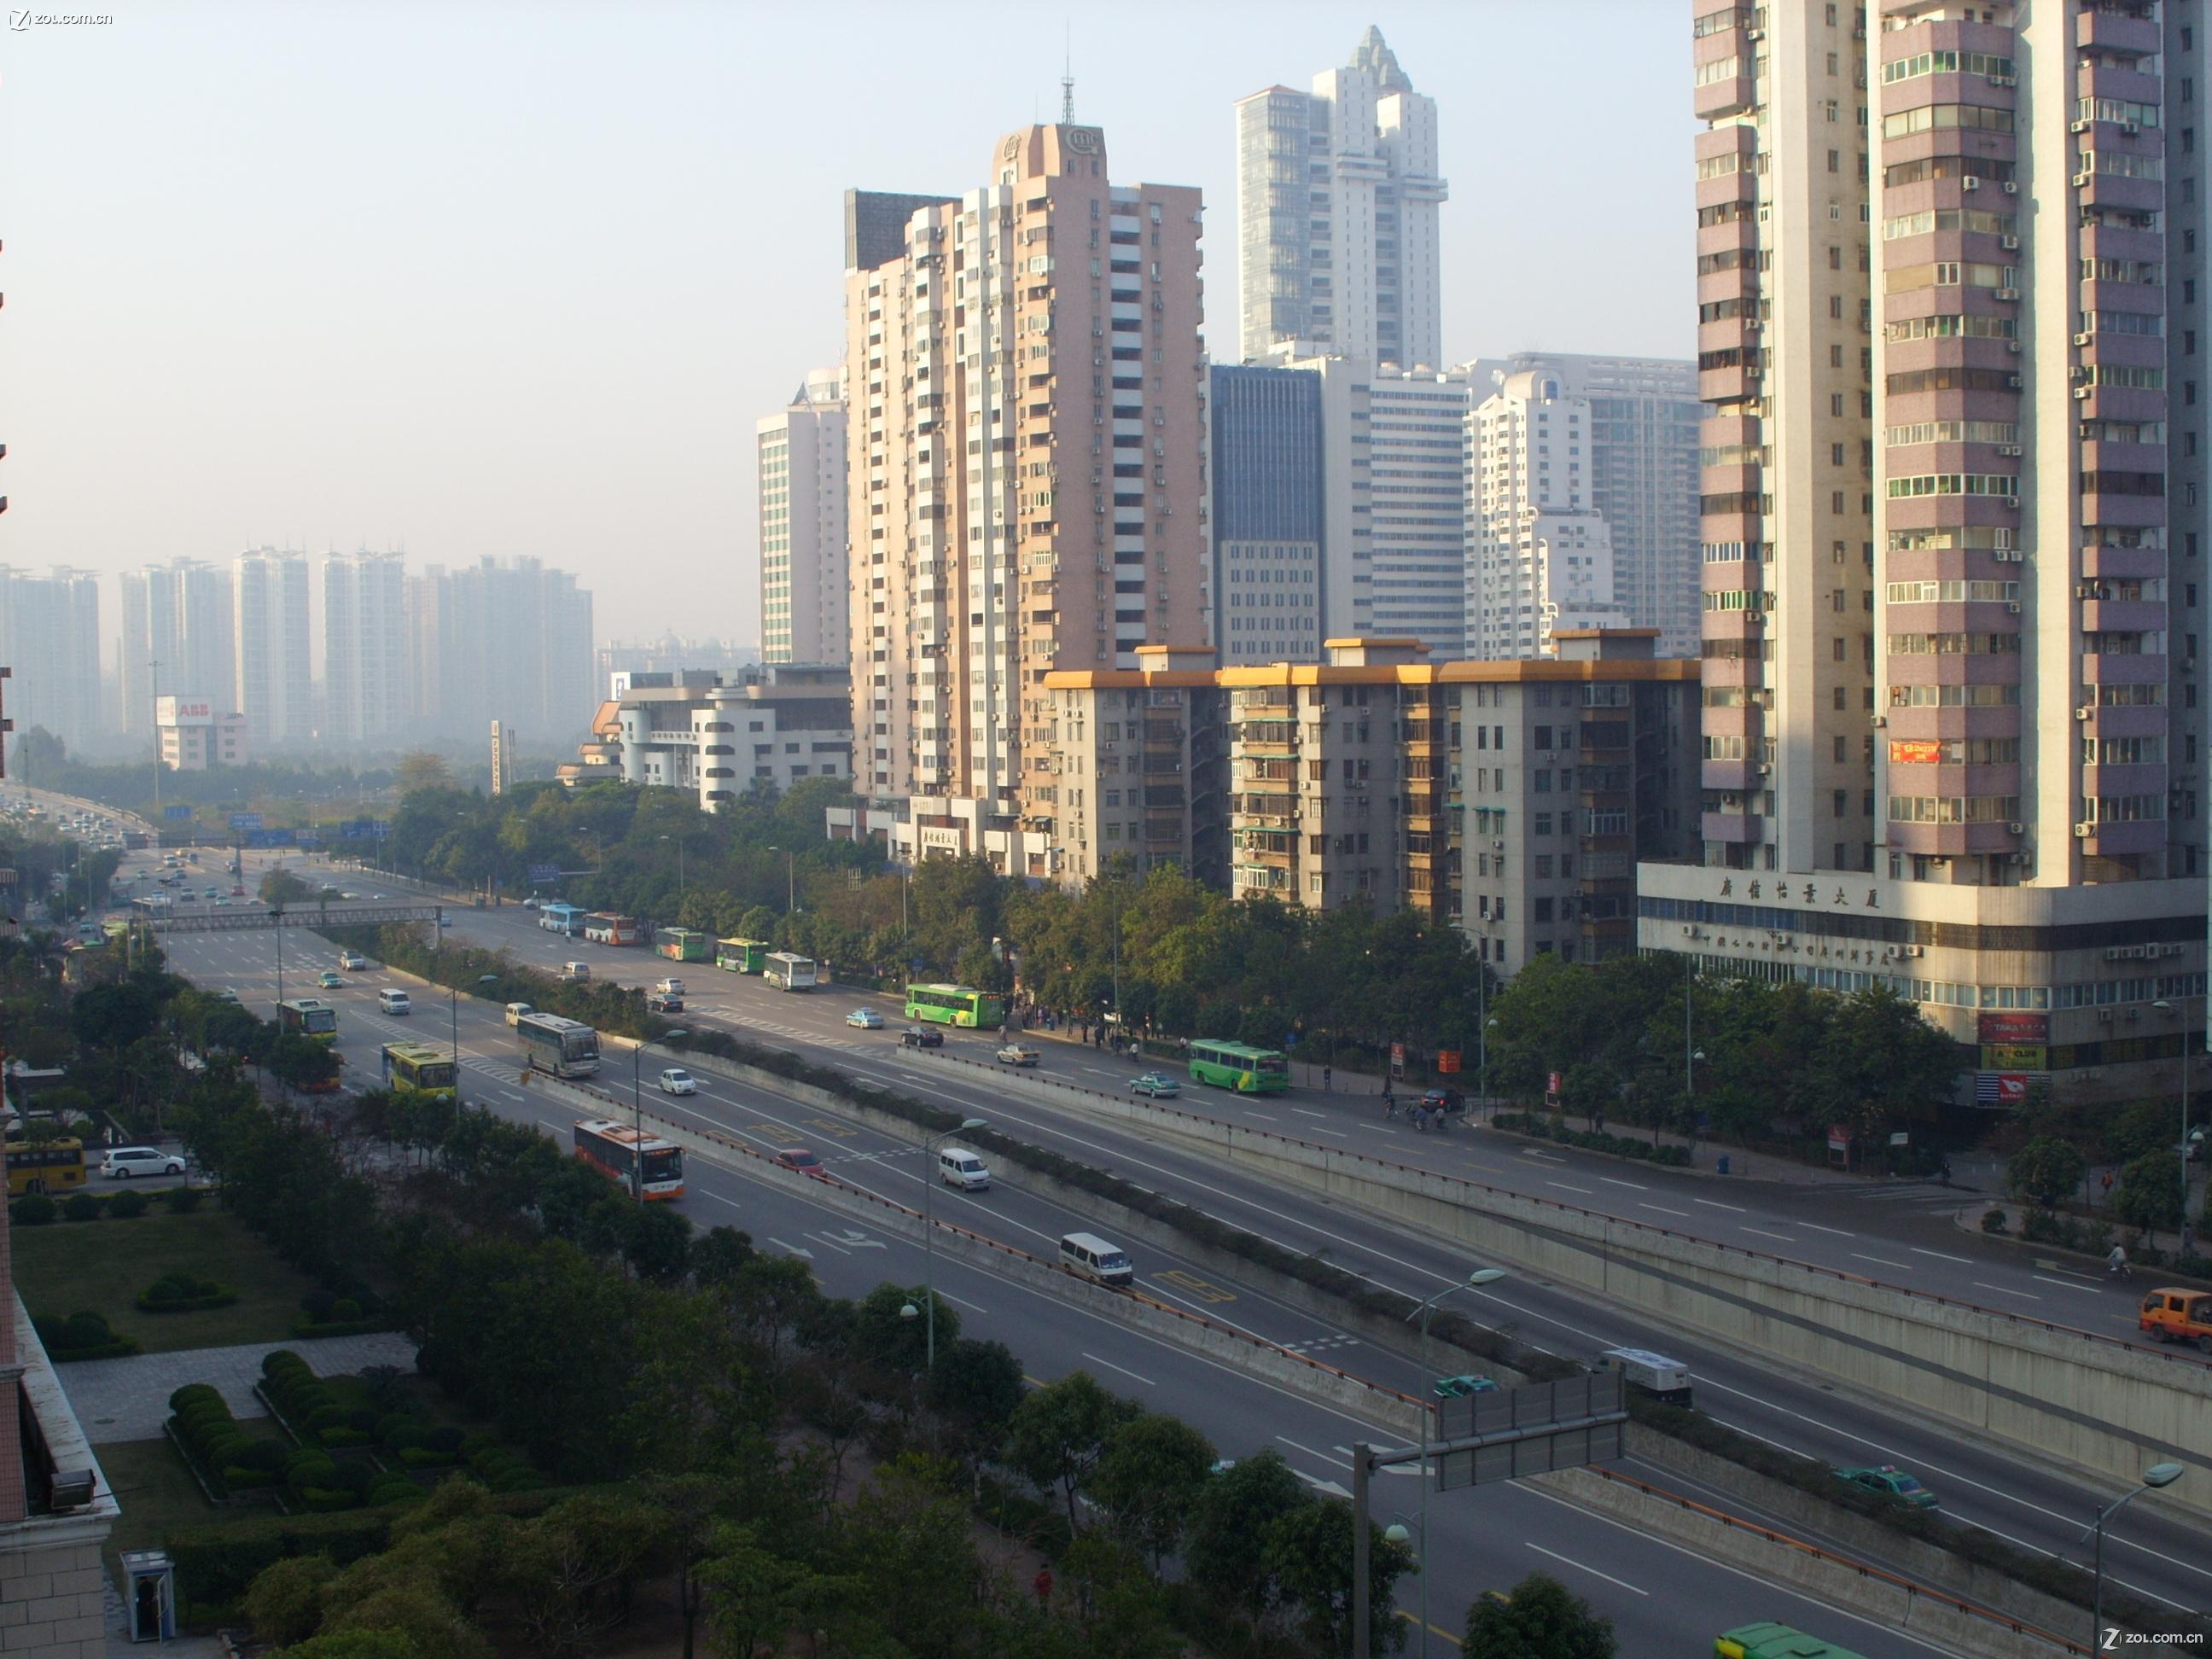 百度地图高清街景_腾讯台州街景实景地图_腾讯台州街景实景地图高清图片